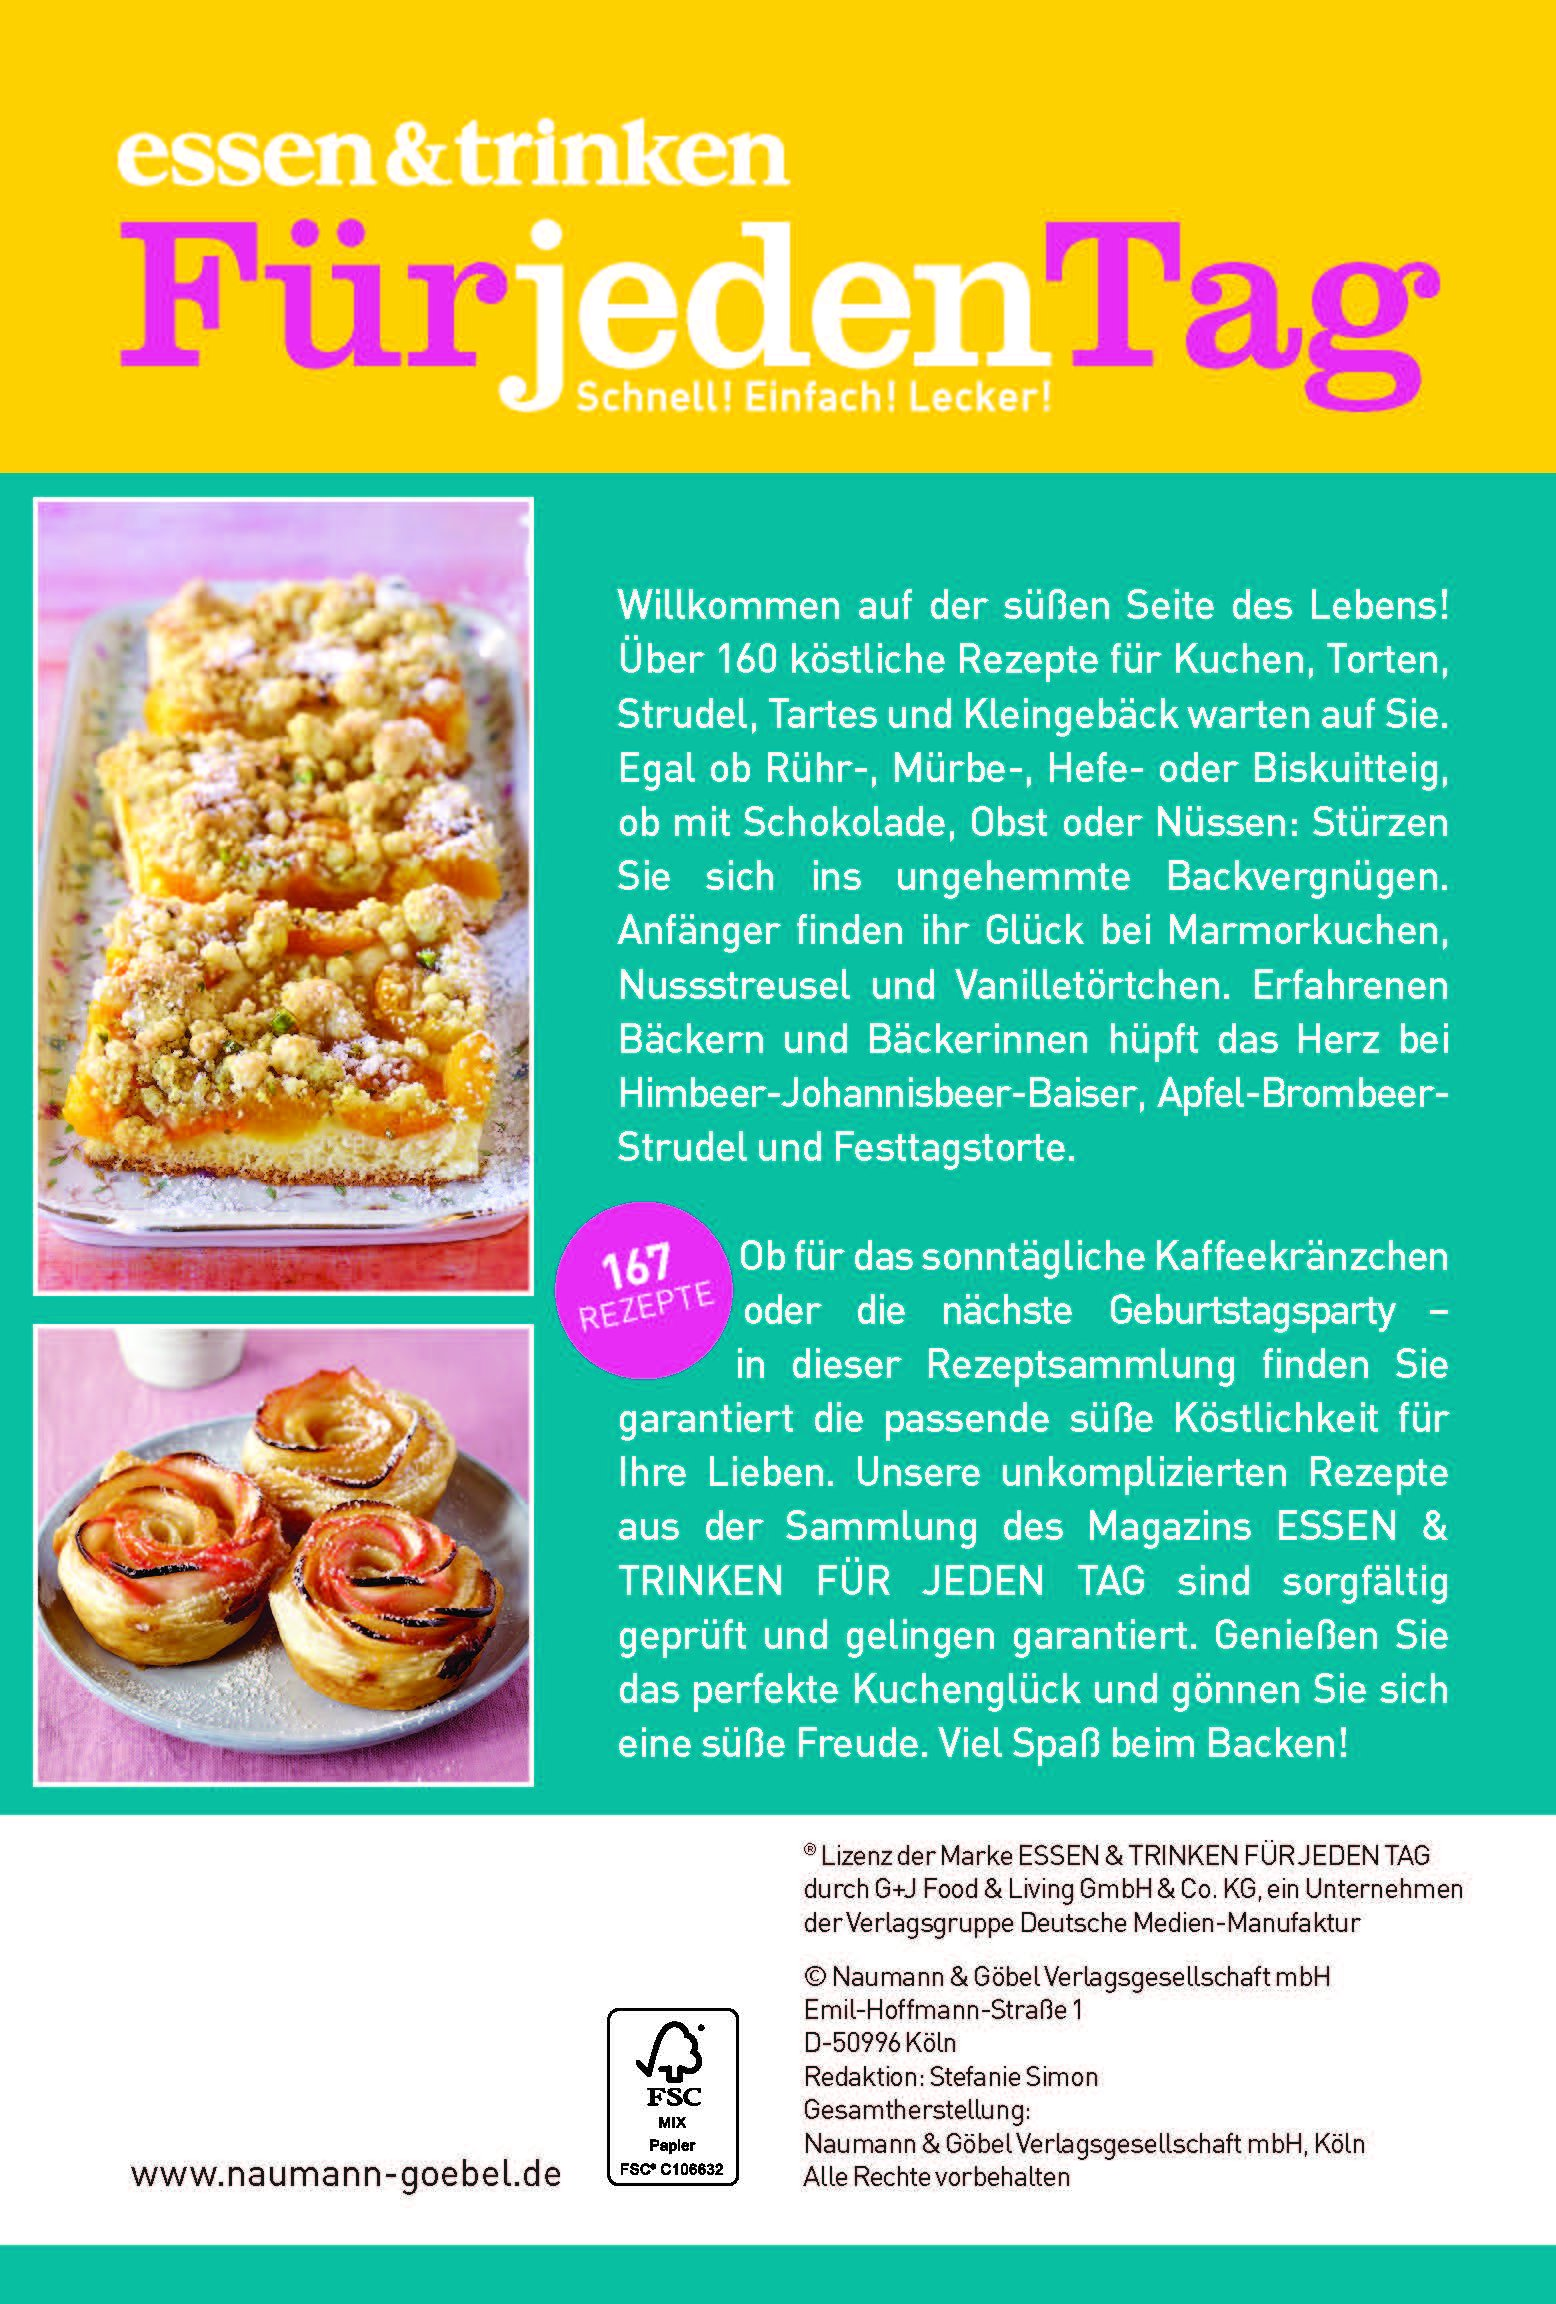 Großzügig Rezepte Schnelle Küche Für Jeden Tag Galerie - Die ...